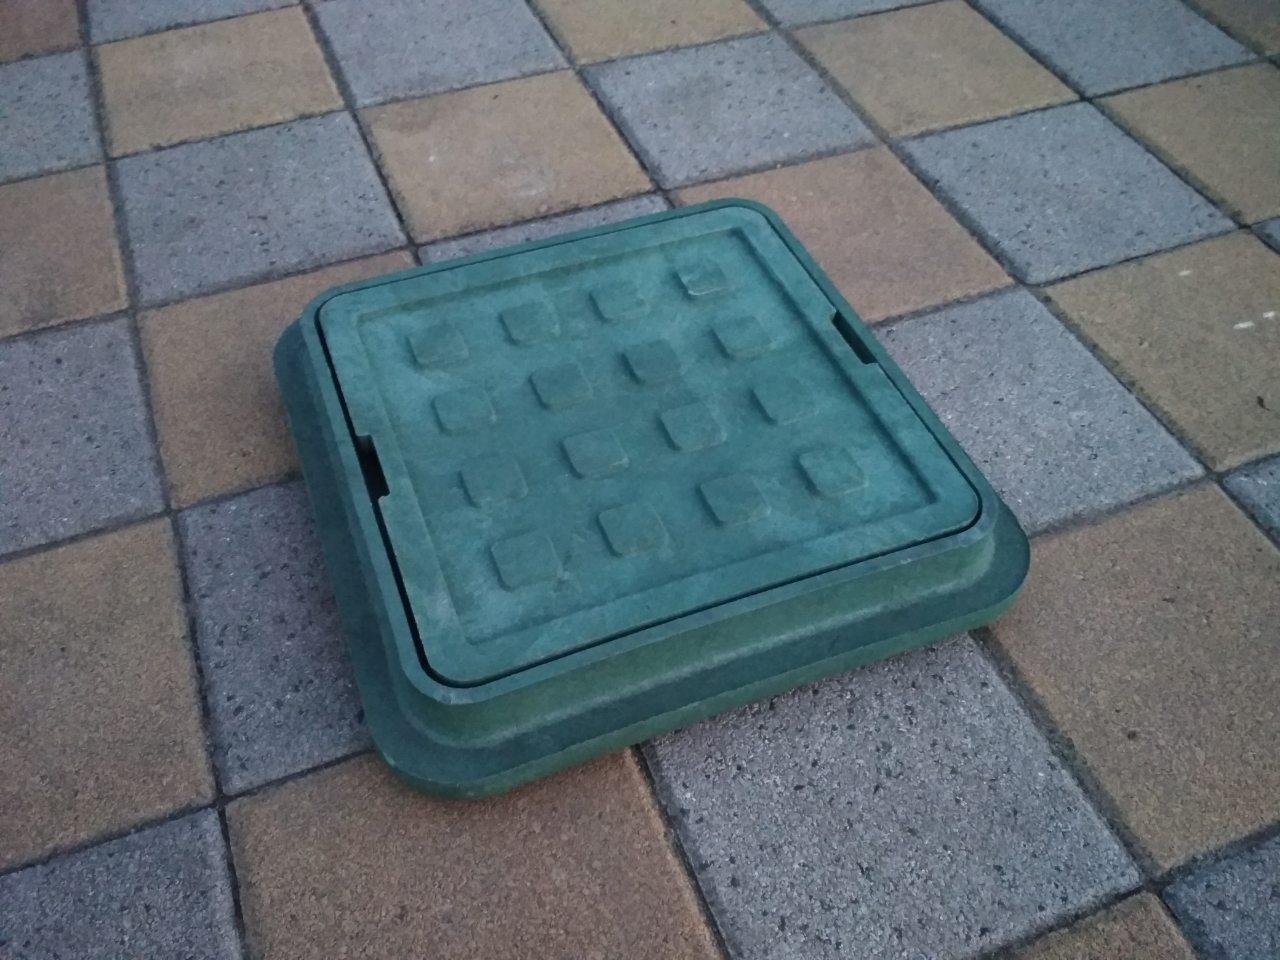 Люк канализационный полимерпесчаный садовый малый зеленый  300*300 (до 1т)